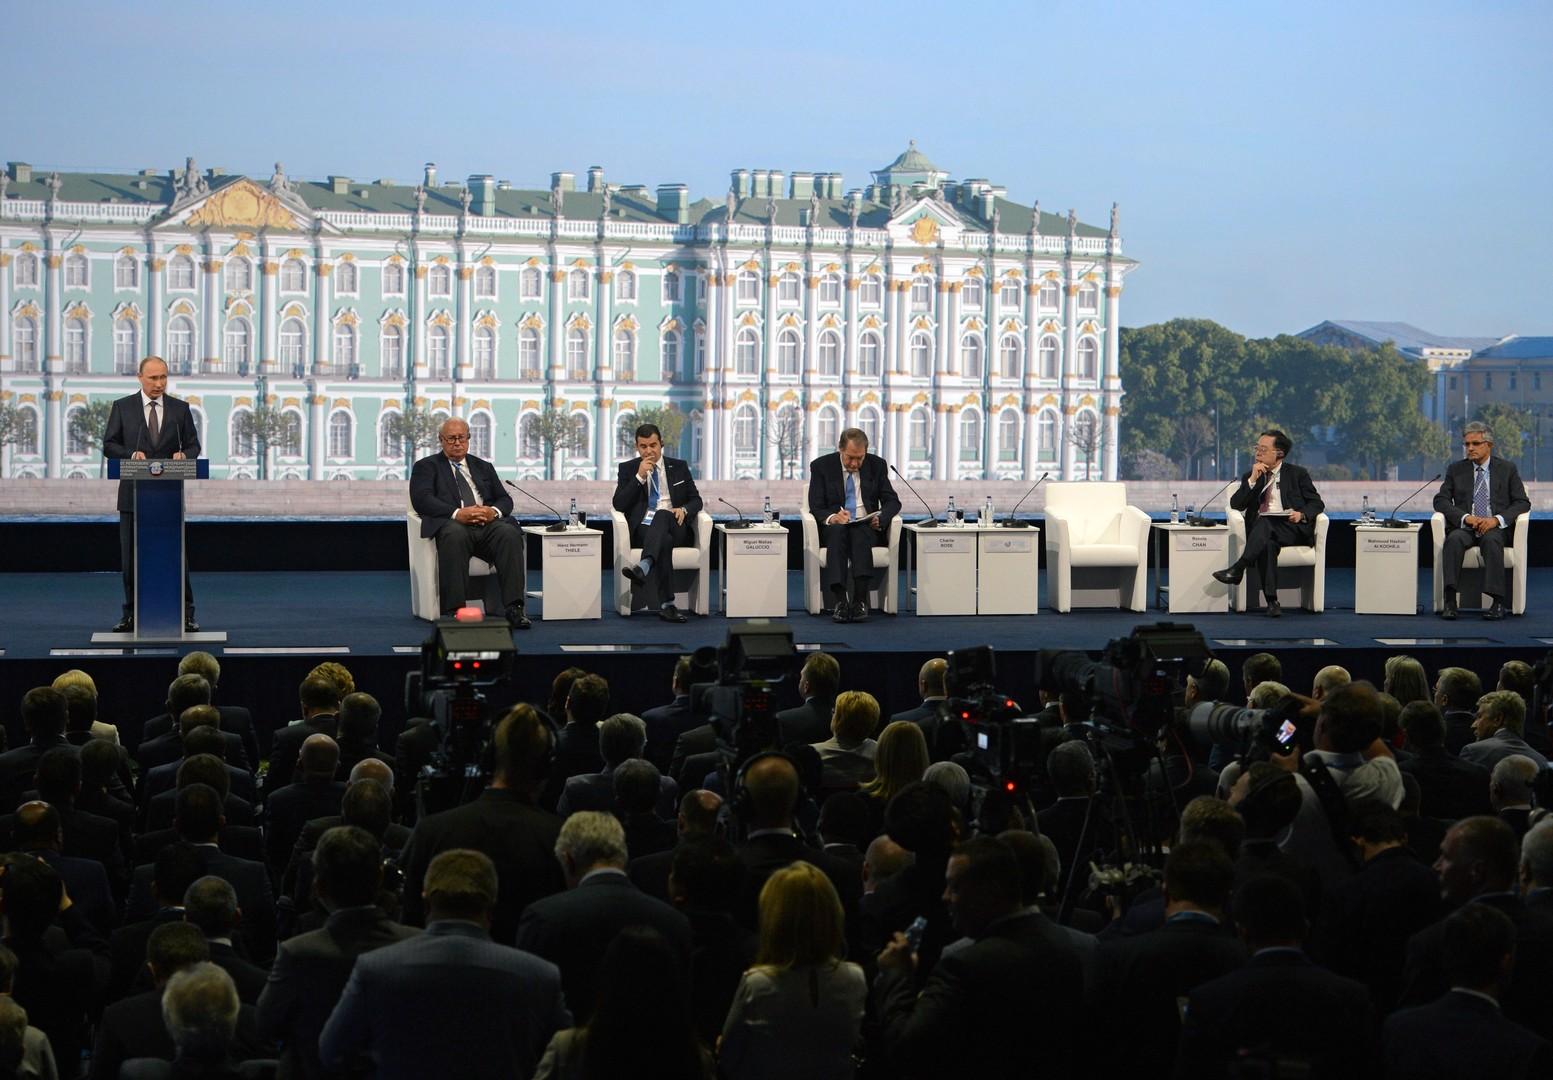 Le Figaro: Между Брюсселем и Москвой повеяло оттепелью